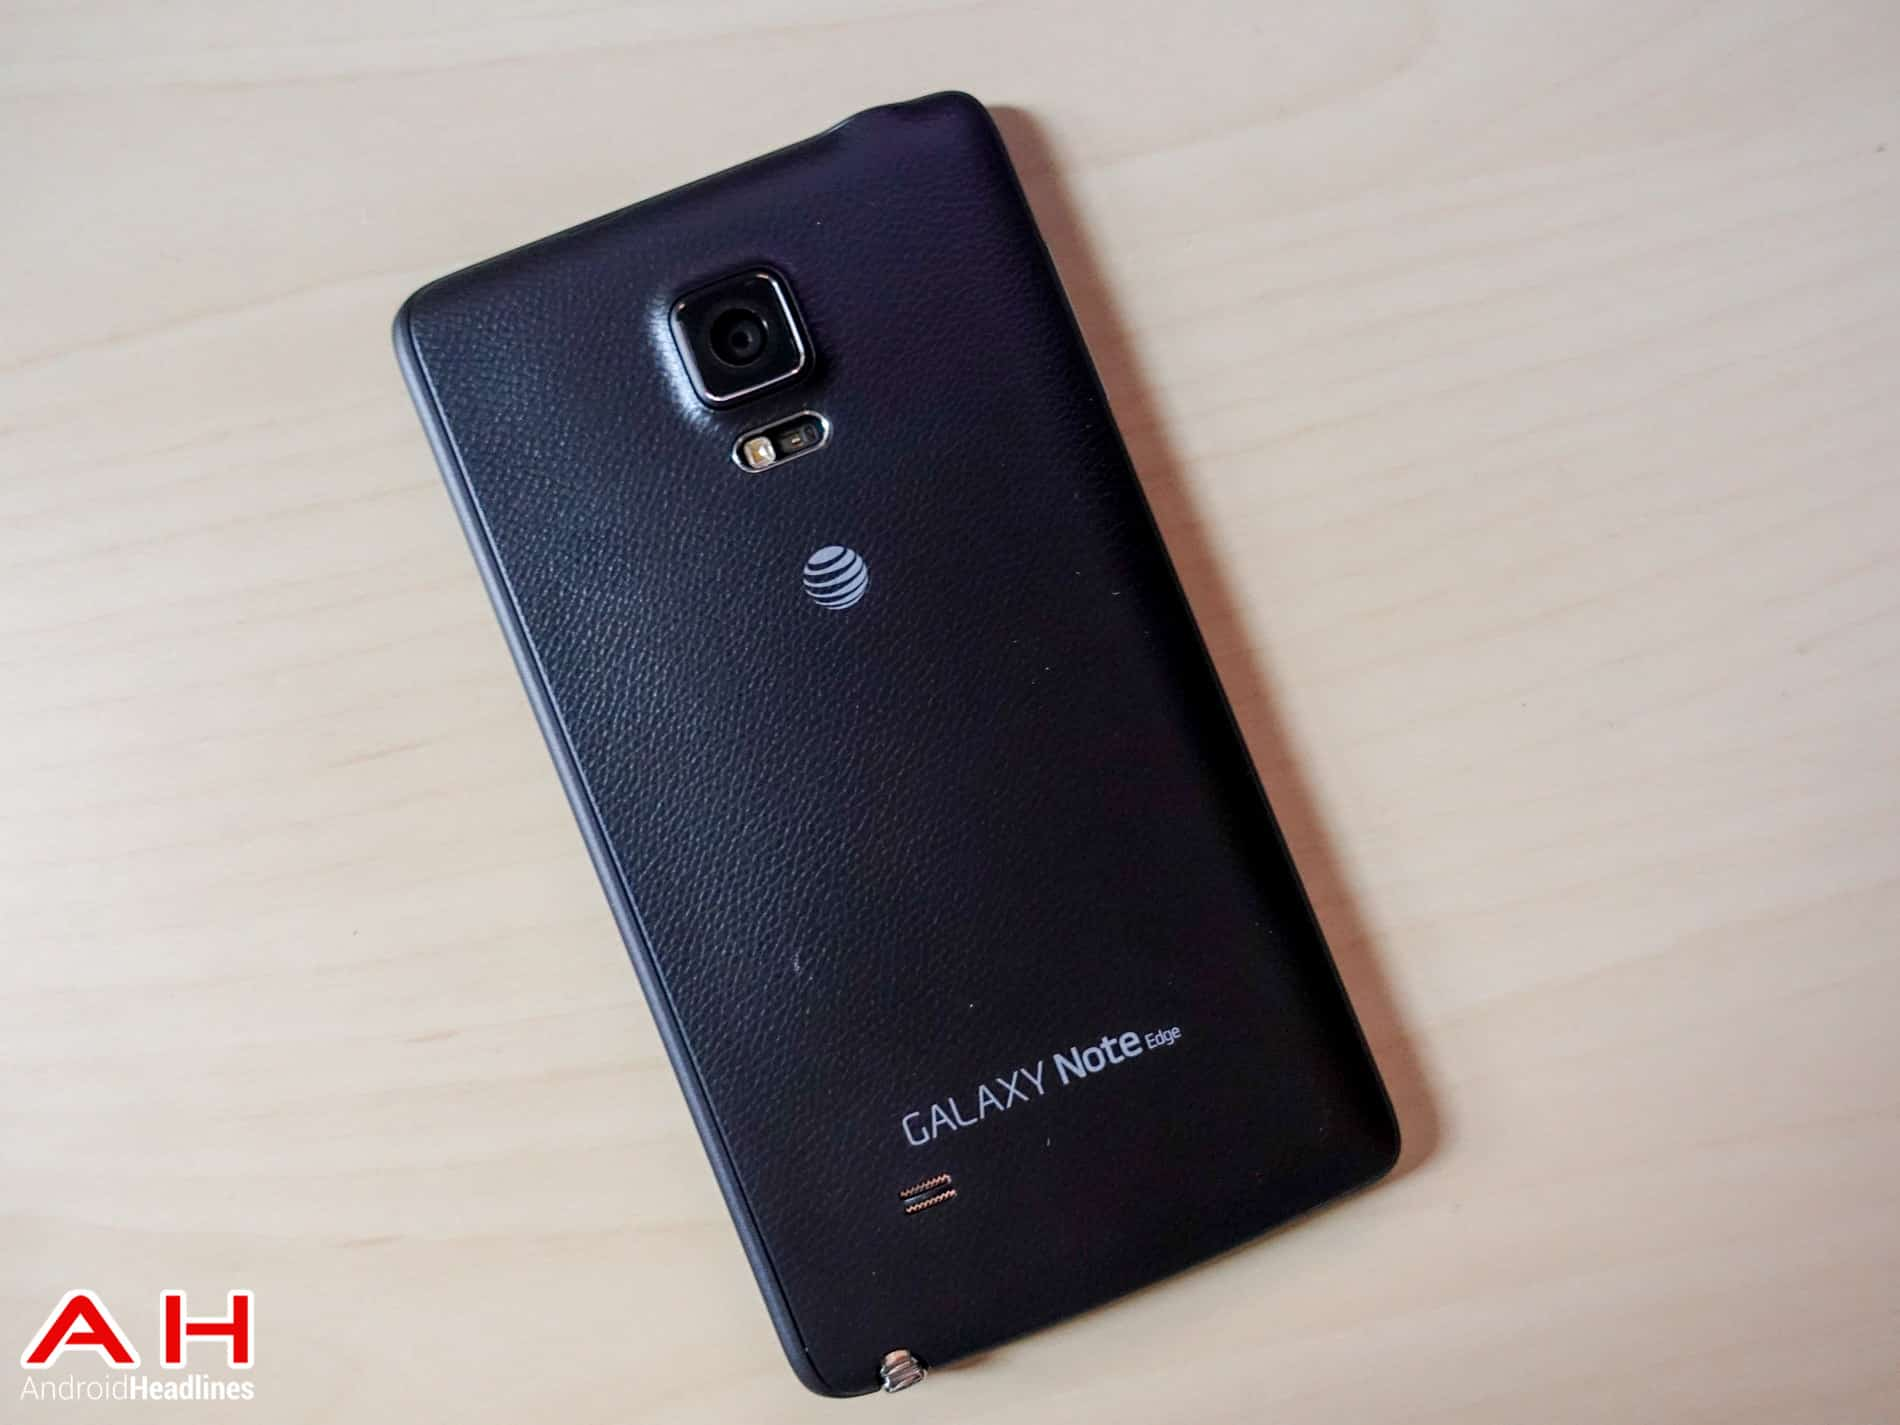 Samsung-Galaxy-Note-Edge-AH-8